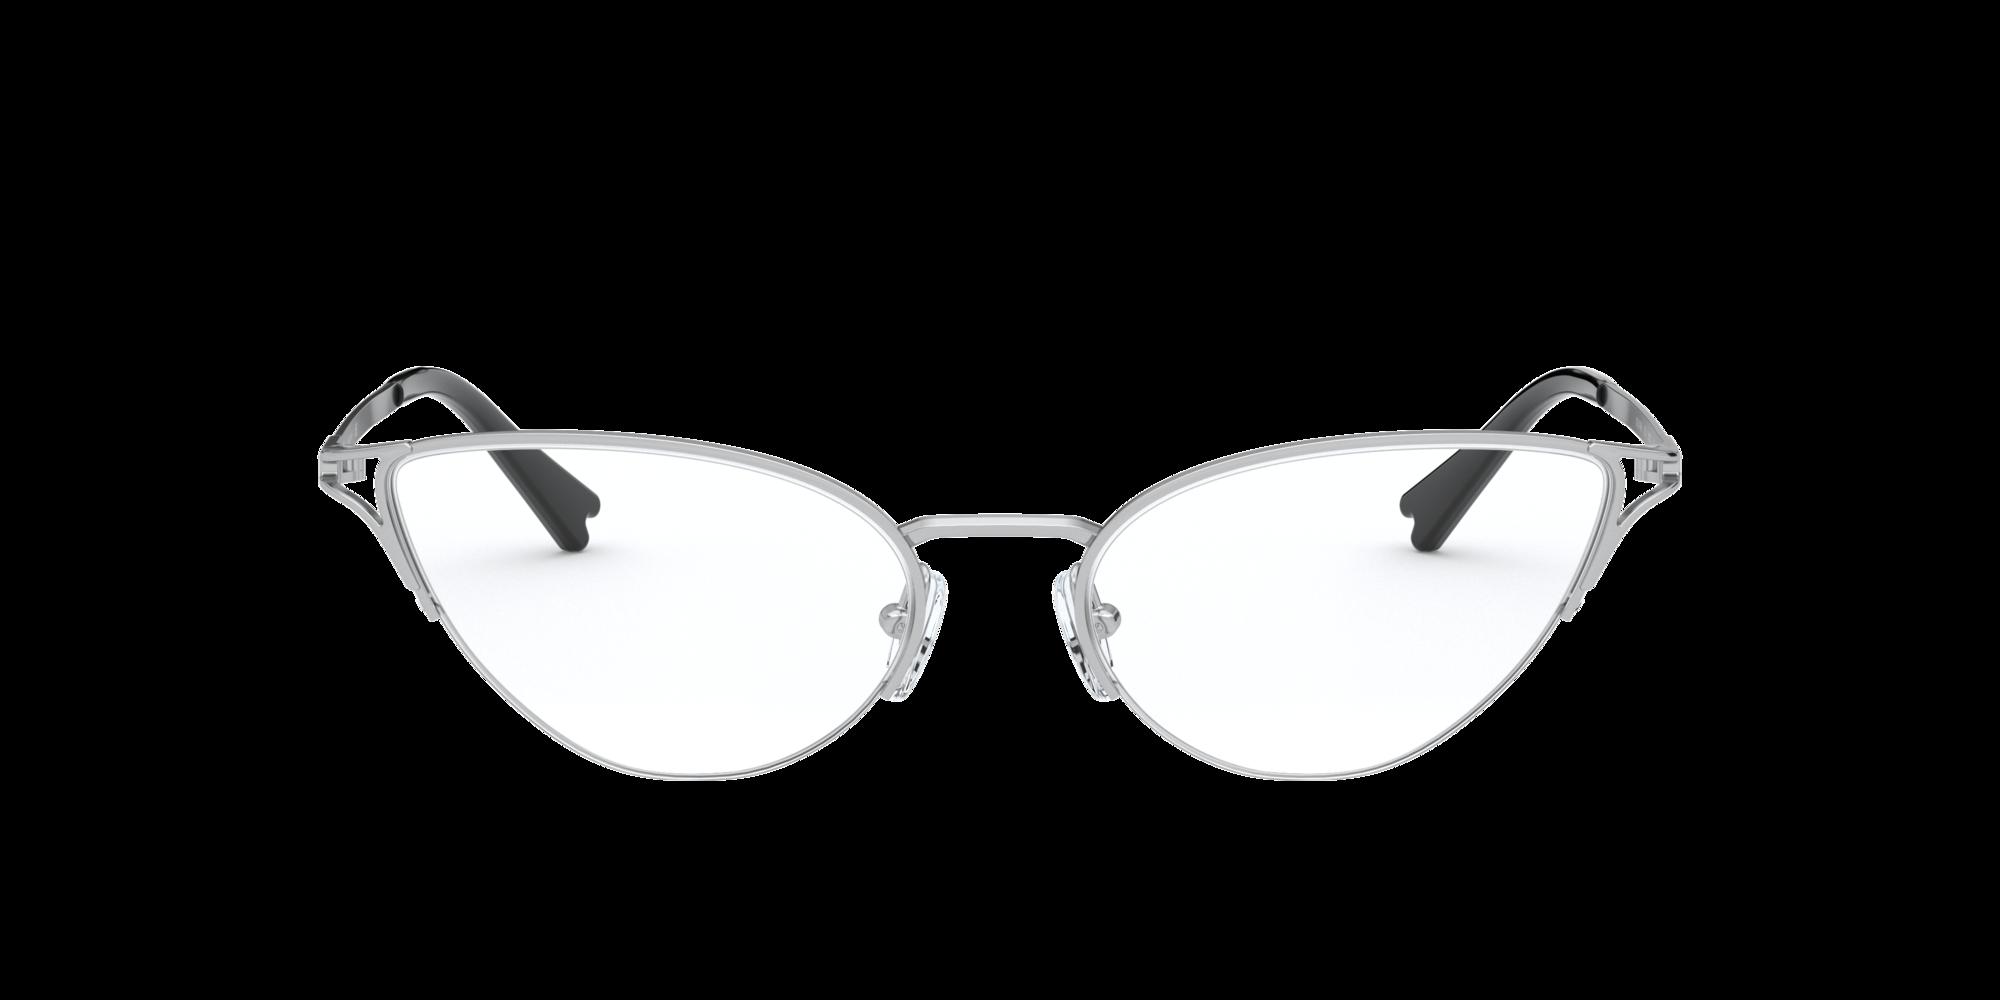 Imagen para VO4168 de LensCrafters |  Espejuelos, espejuelos graduados en línea, gafas